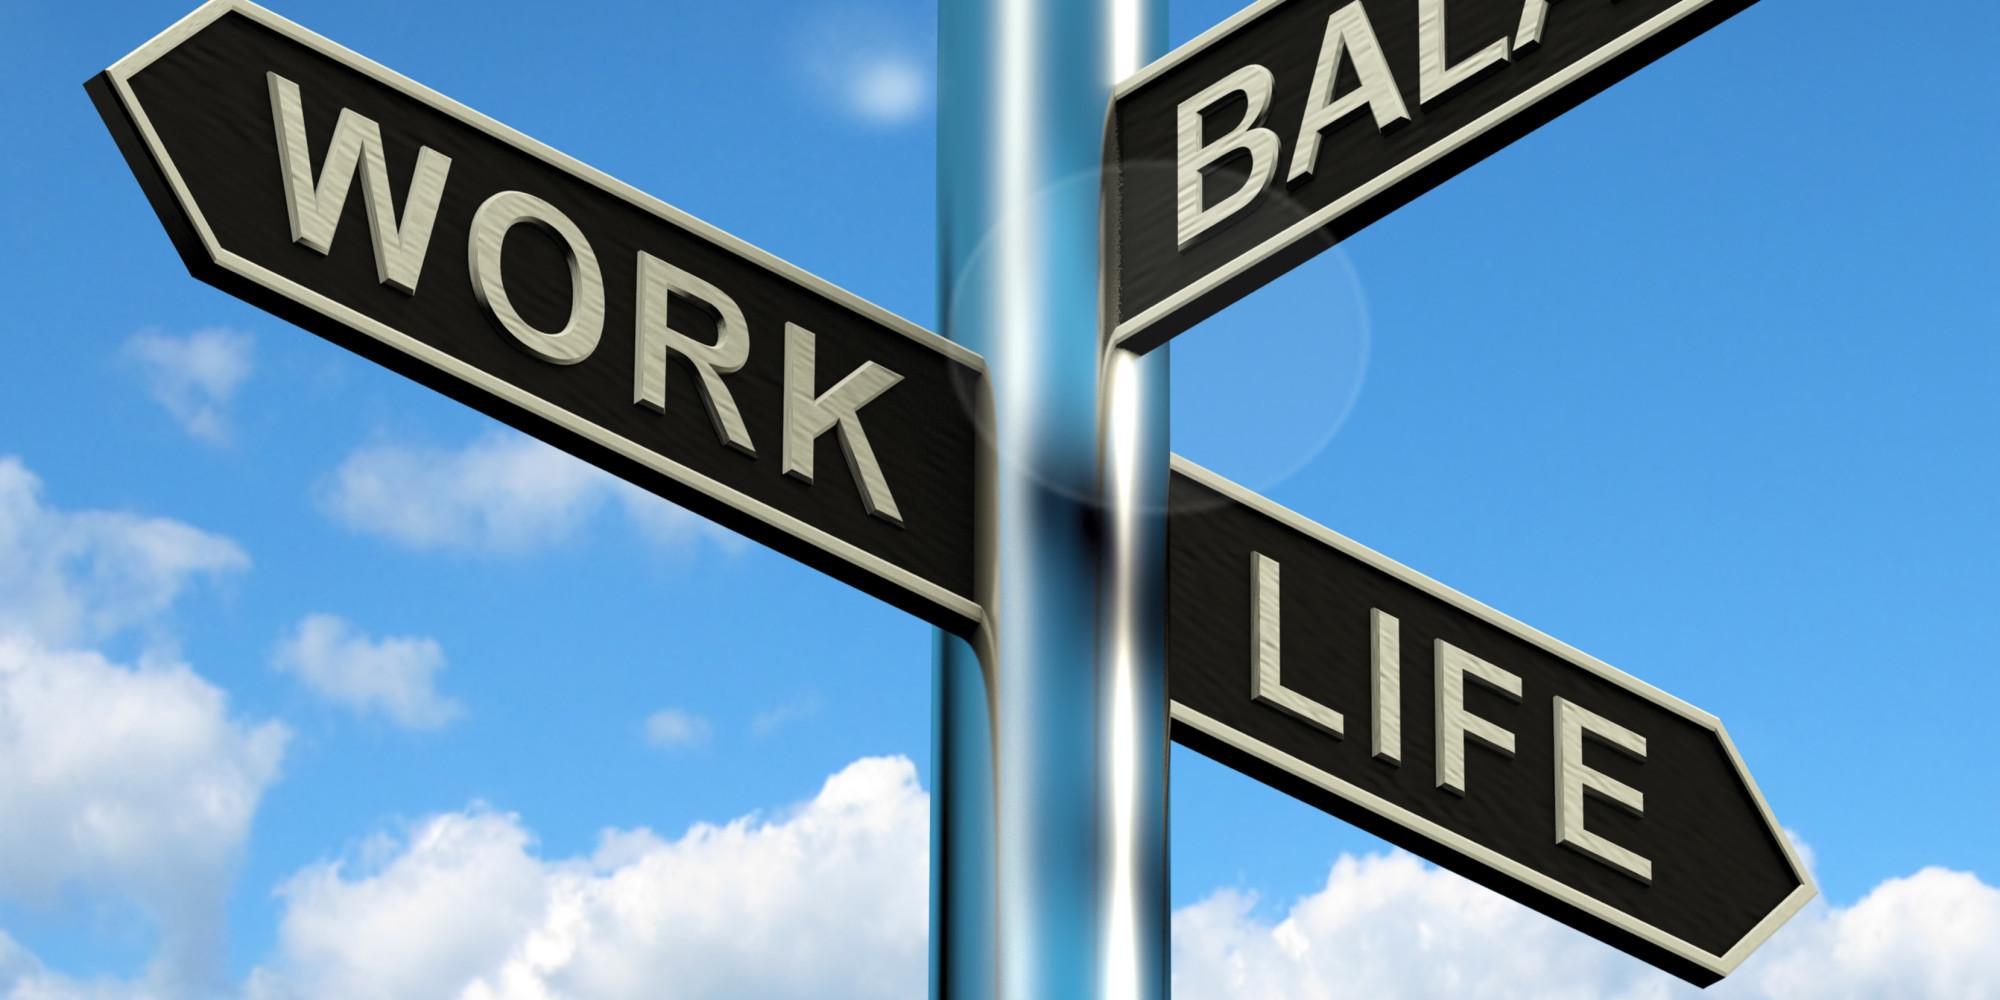 WORKLIFE-BALANCE-facebook jpgBalance Life And School